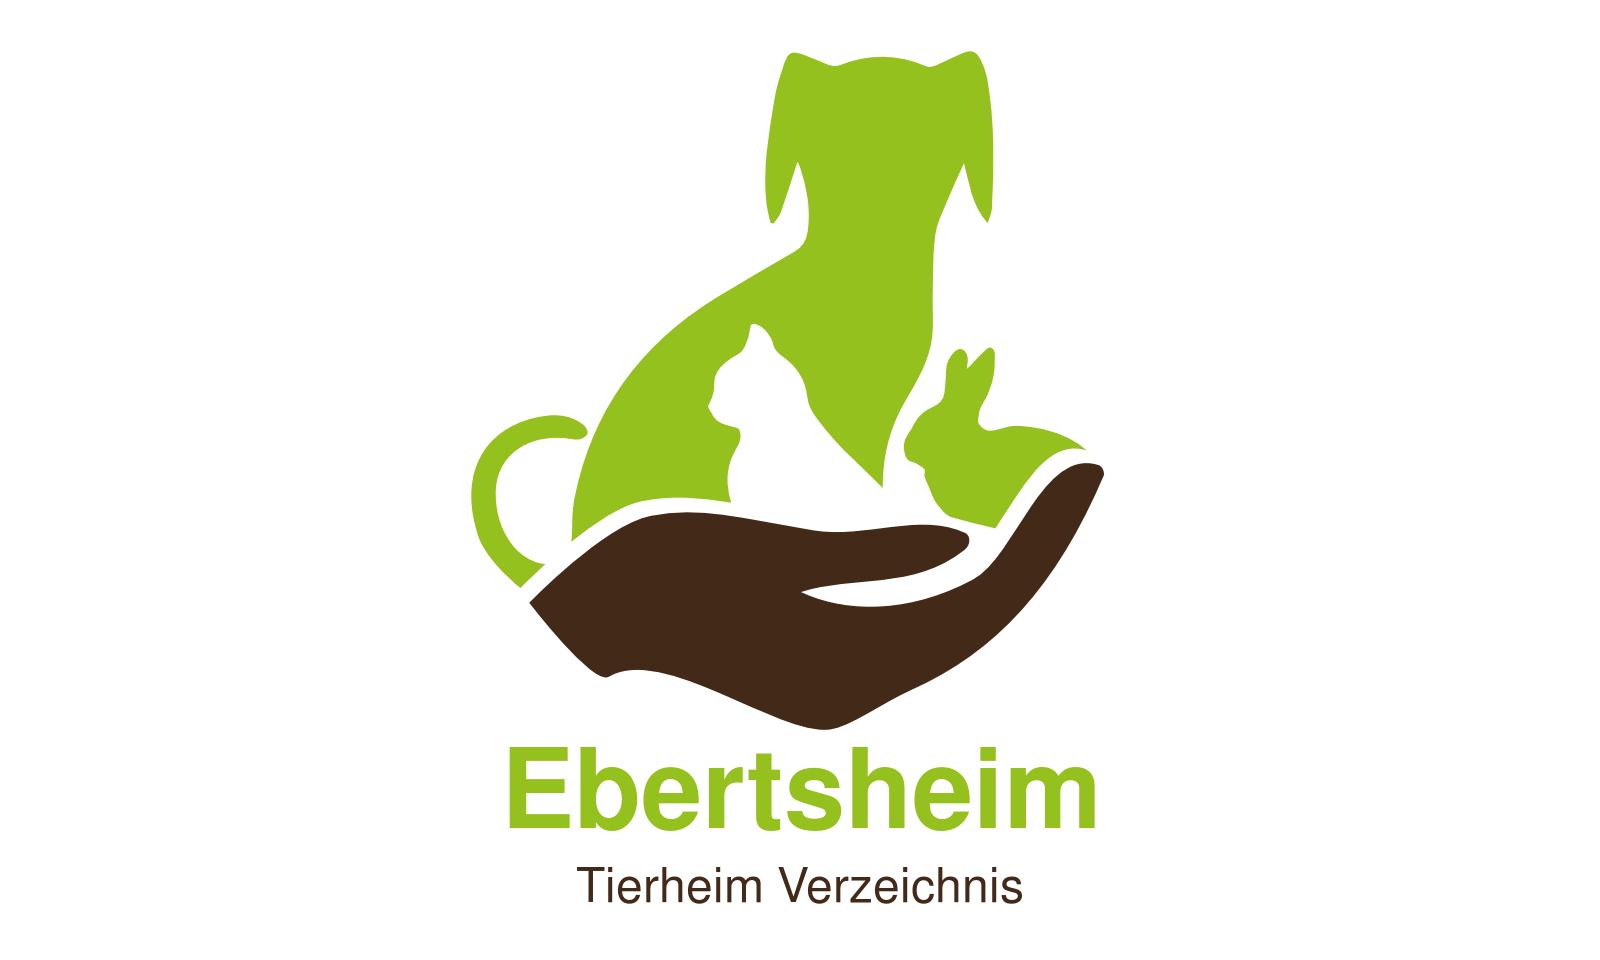 Tierheim Ebertsheim